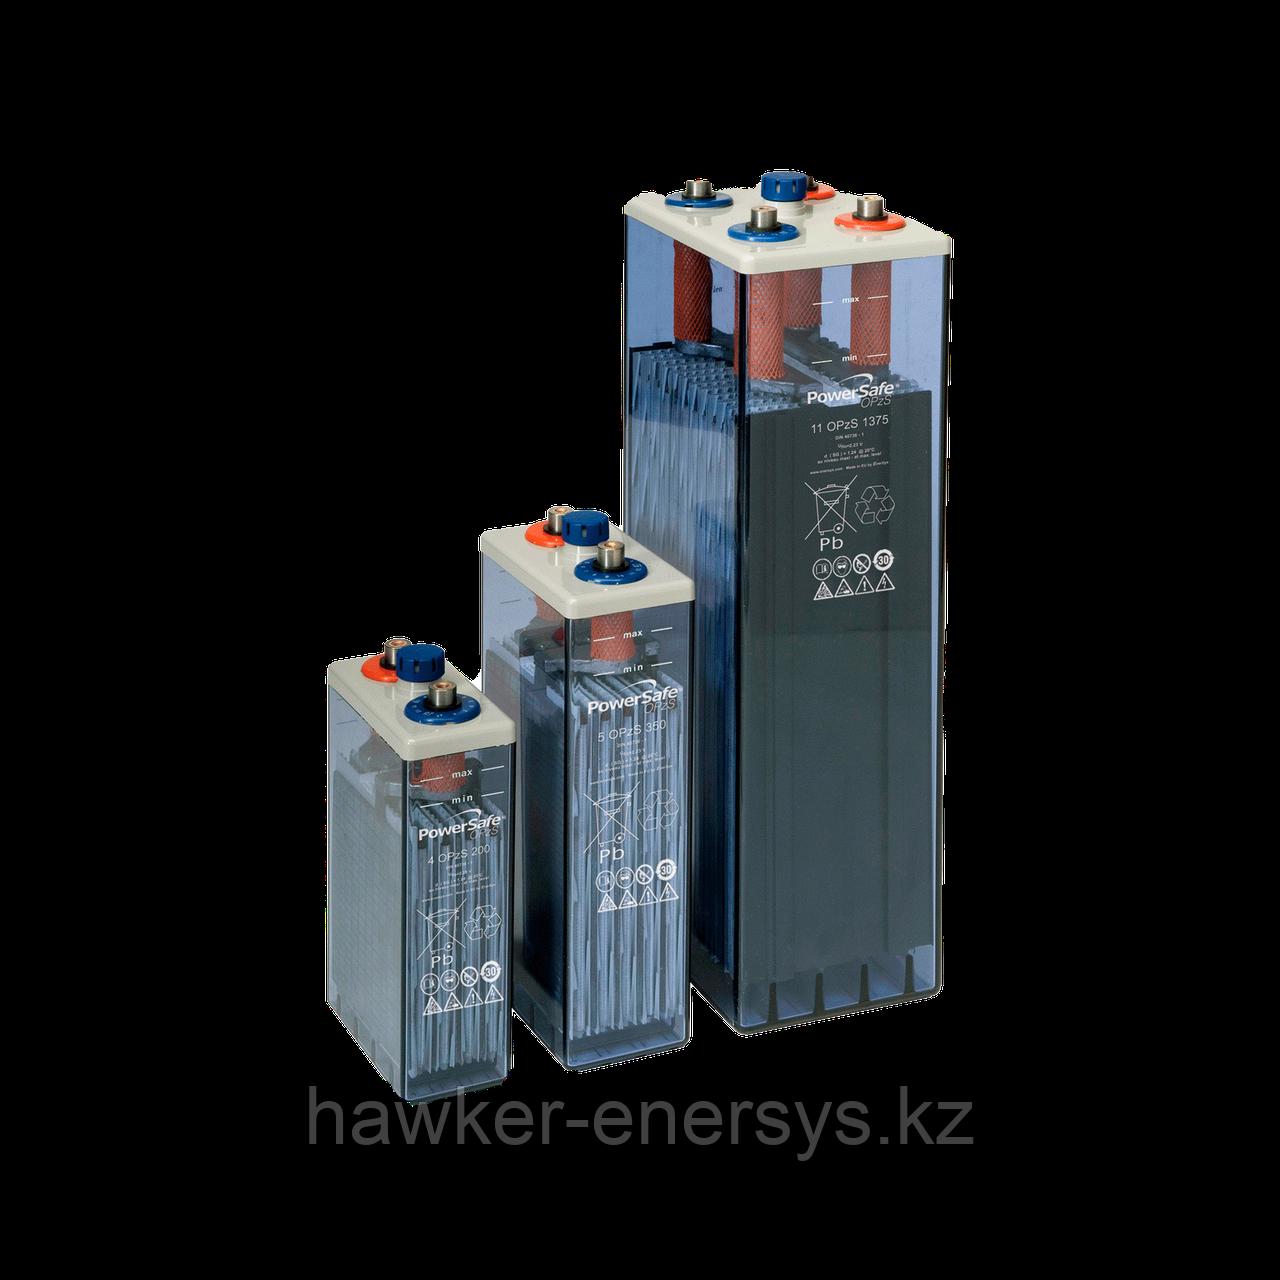 Аккумуляторная батарея PowerSafe 19 OPzS 2375